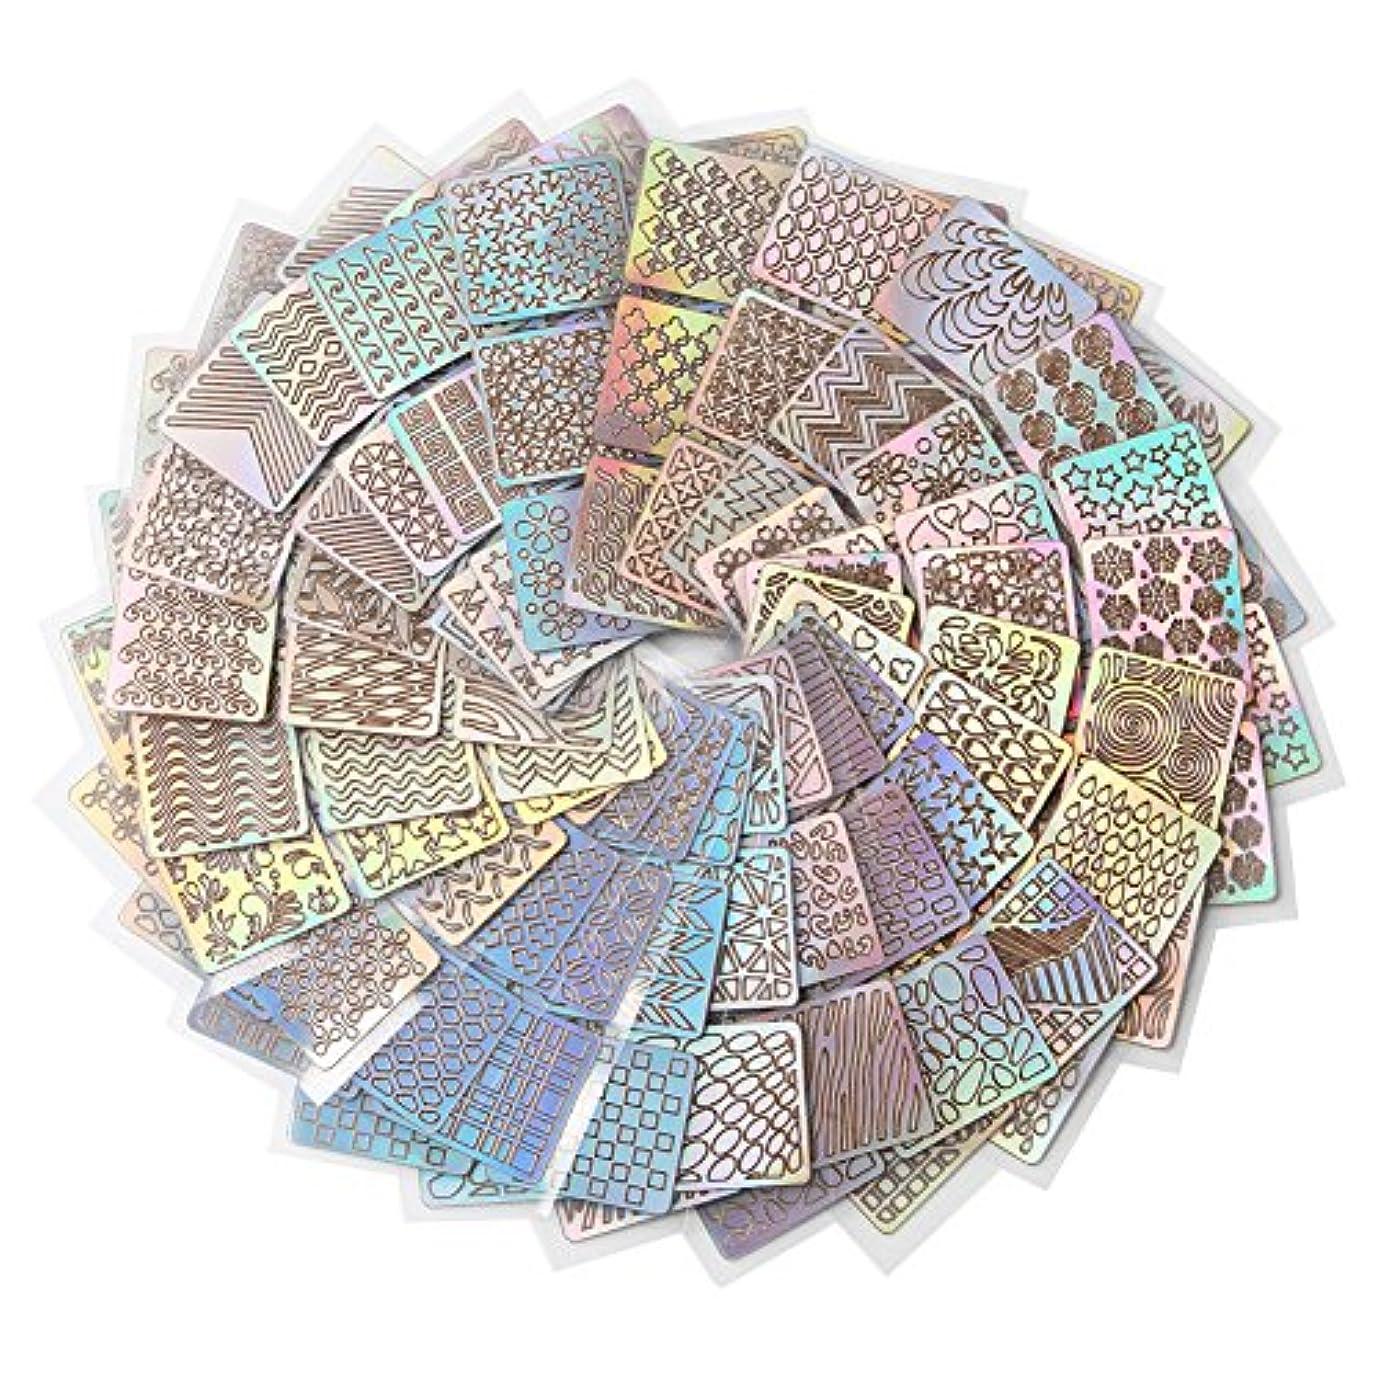 まばたきネイティブ過度のDemiawaking ネイル用装飾 可愛いネイル飾り テープ ネイル パーツ ネイルーシール 今年流行ネイティブ柄ネイルステッカー 24枚セット